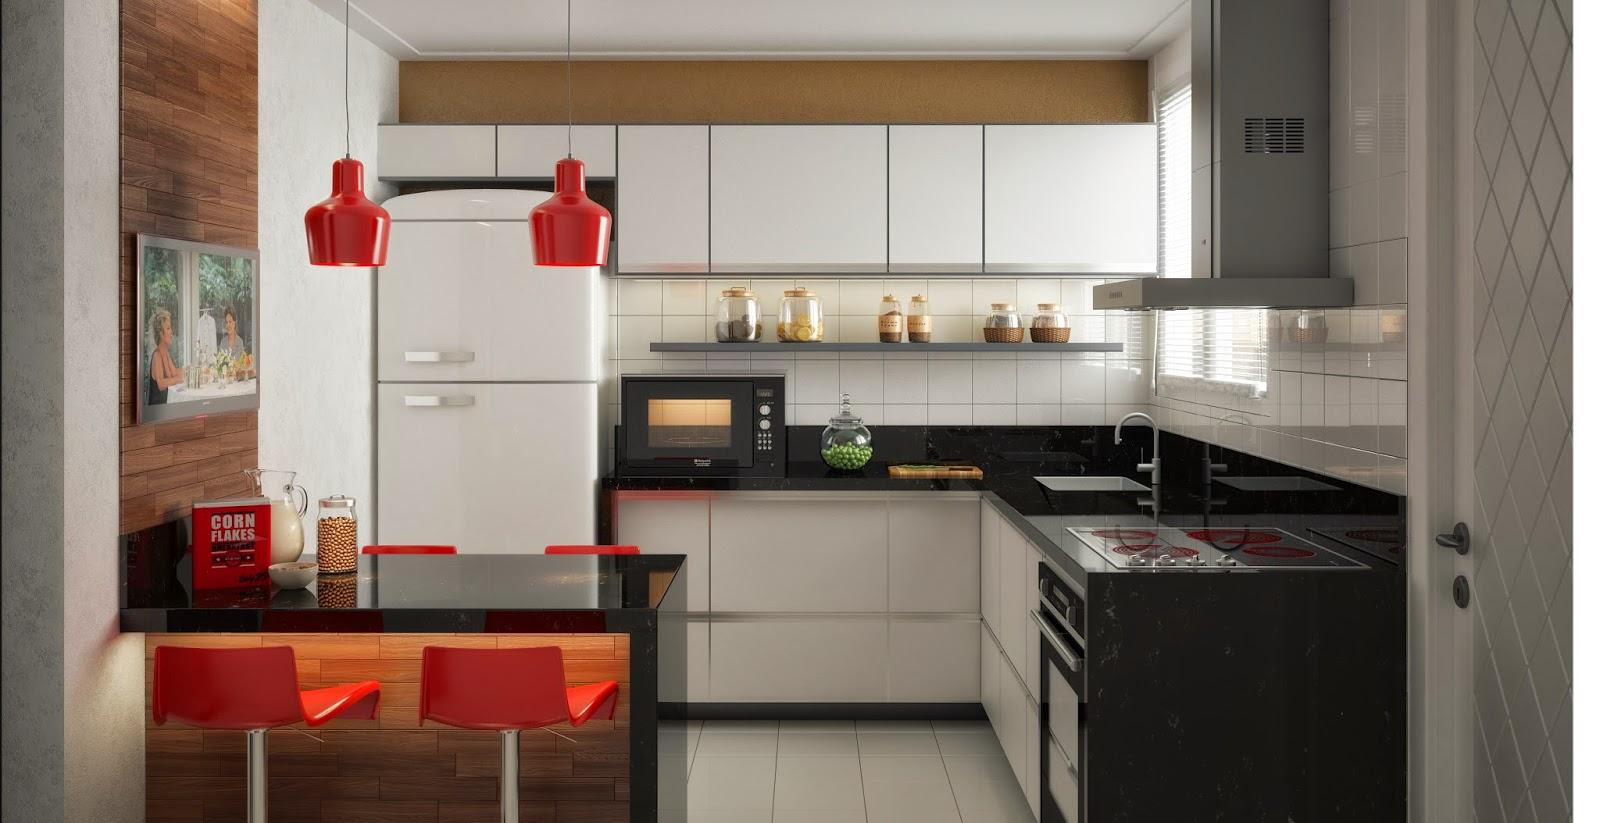 #AB3220  3D: Render 3D Realista de Cozinha Planejada Simples em Planaltina GO 1600x823 px Projeto Cozinha Planejada Simples #2673 imagens